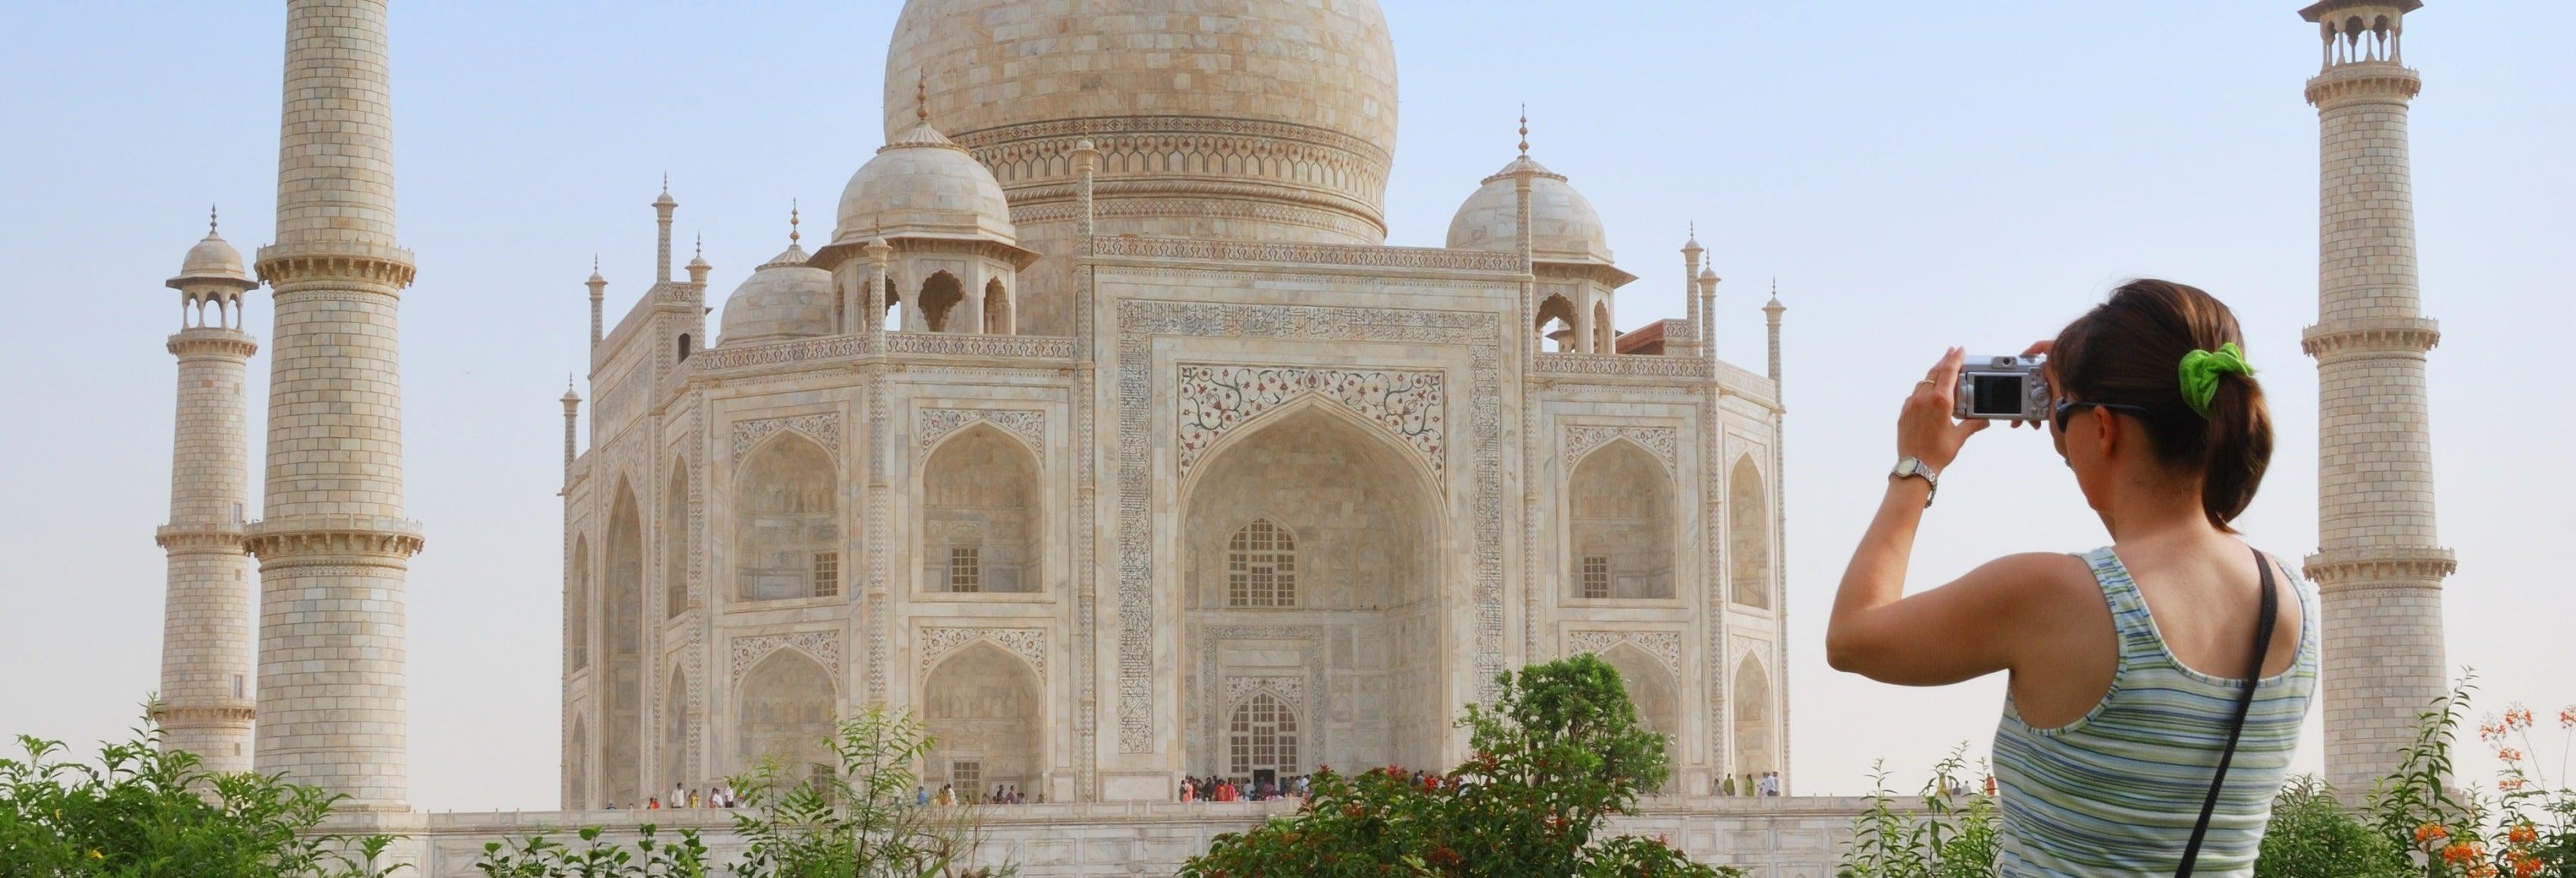 Excursión privada a Agra